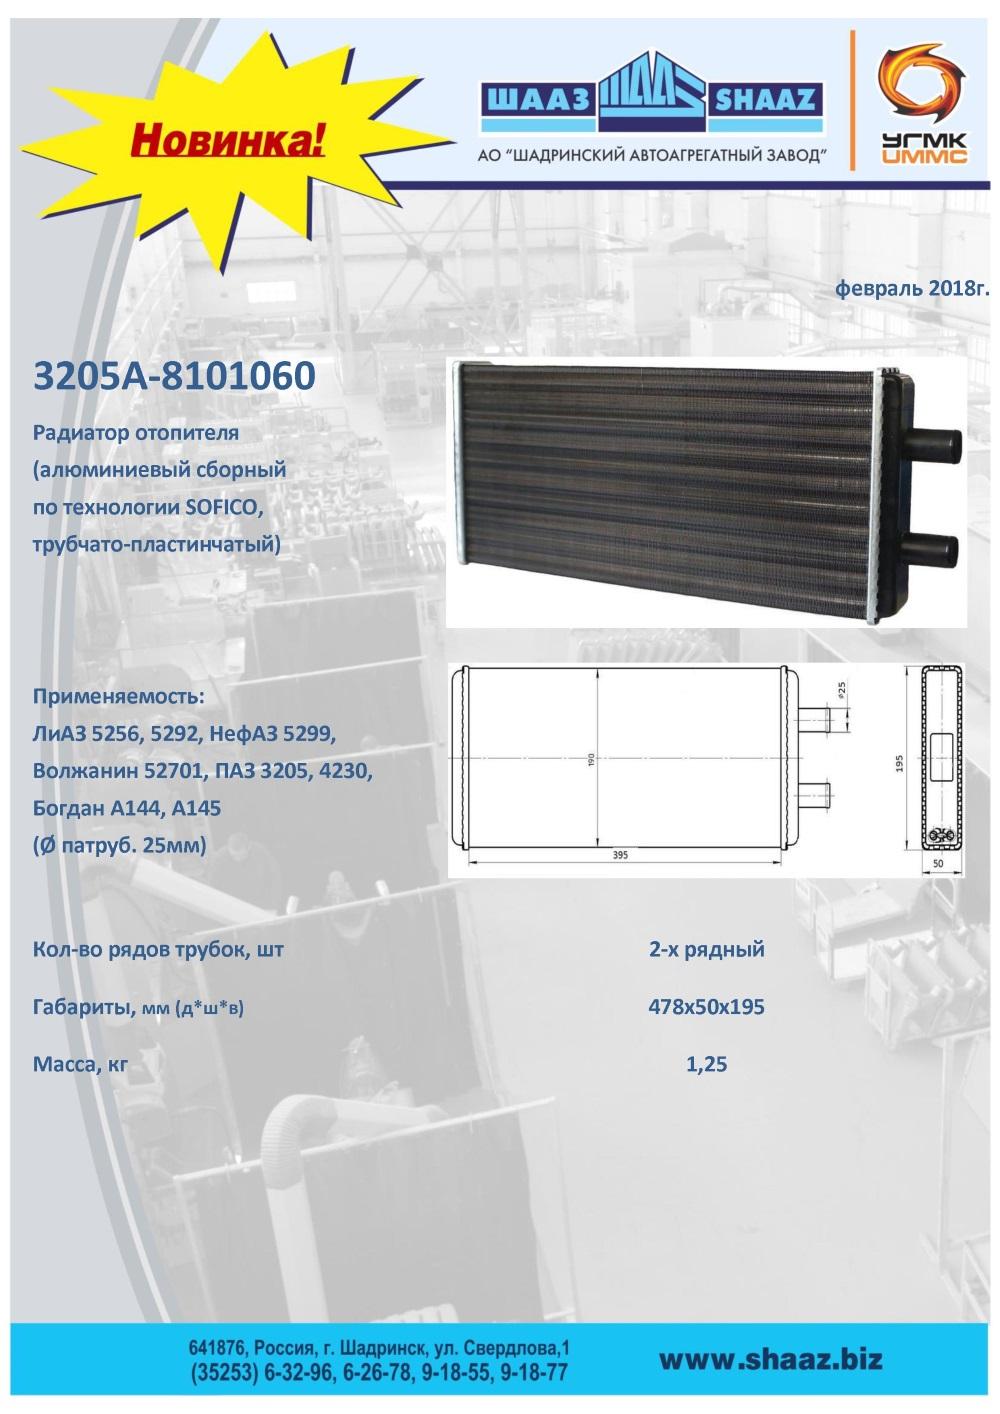 Оборудование DANFOSS Шадринск Кожухотрубный конденсатор ONDA C 32.308.2000 Тамбов